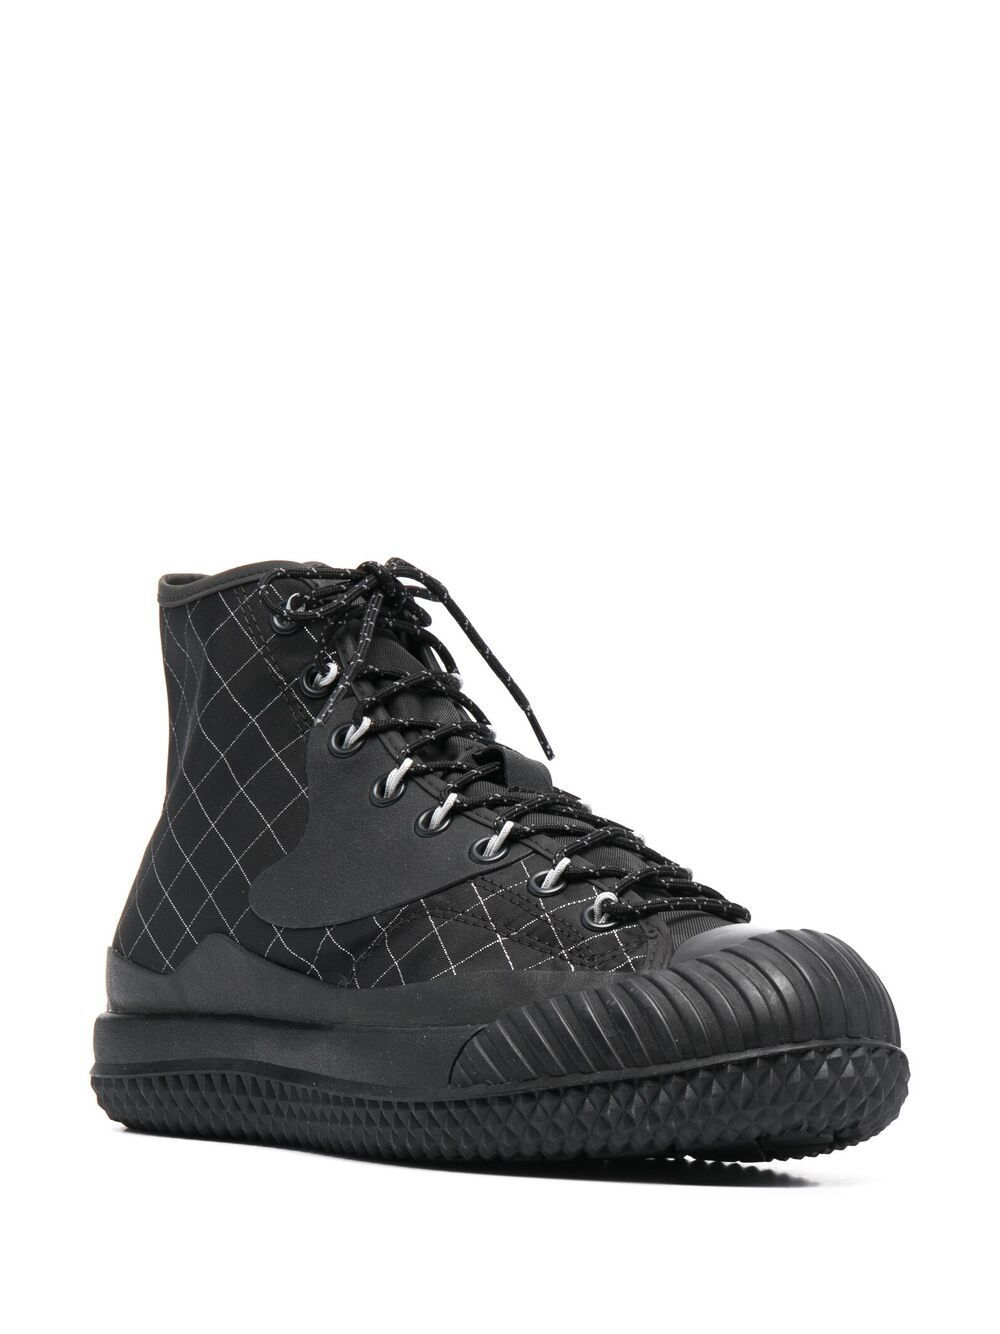 Converse X Slam Jam mc hi sneakers man black CONVERSE X SLAM JAM | Sneakers | 171223CBLK